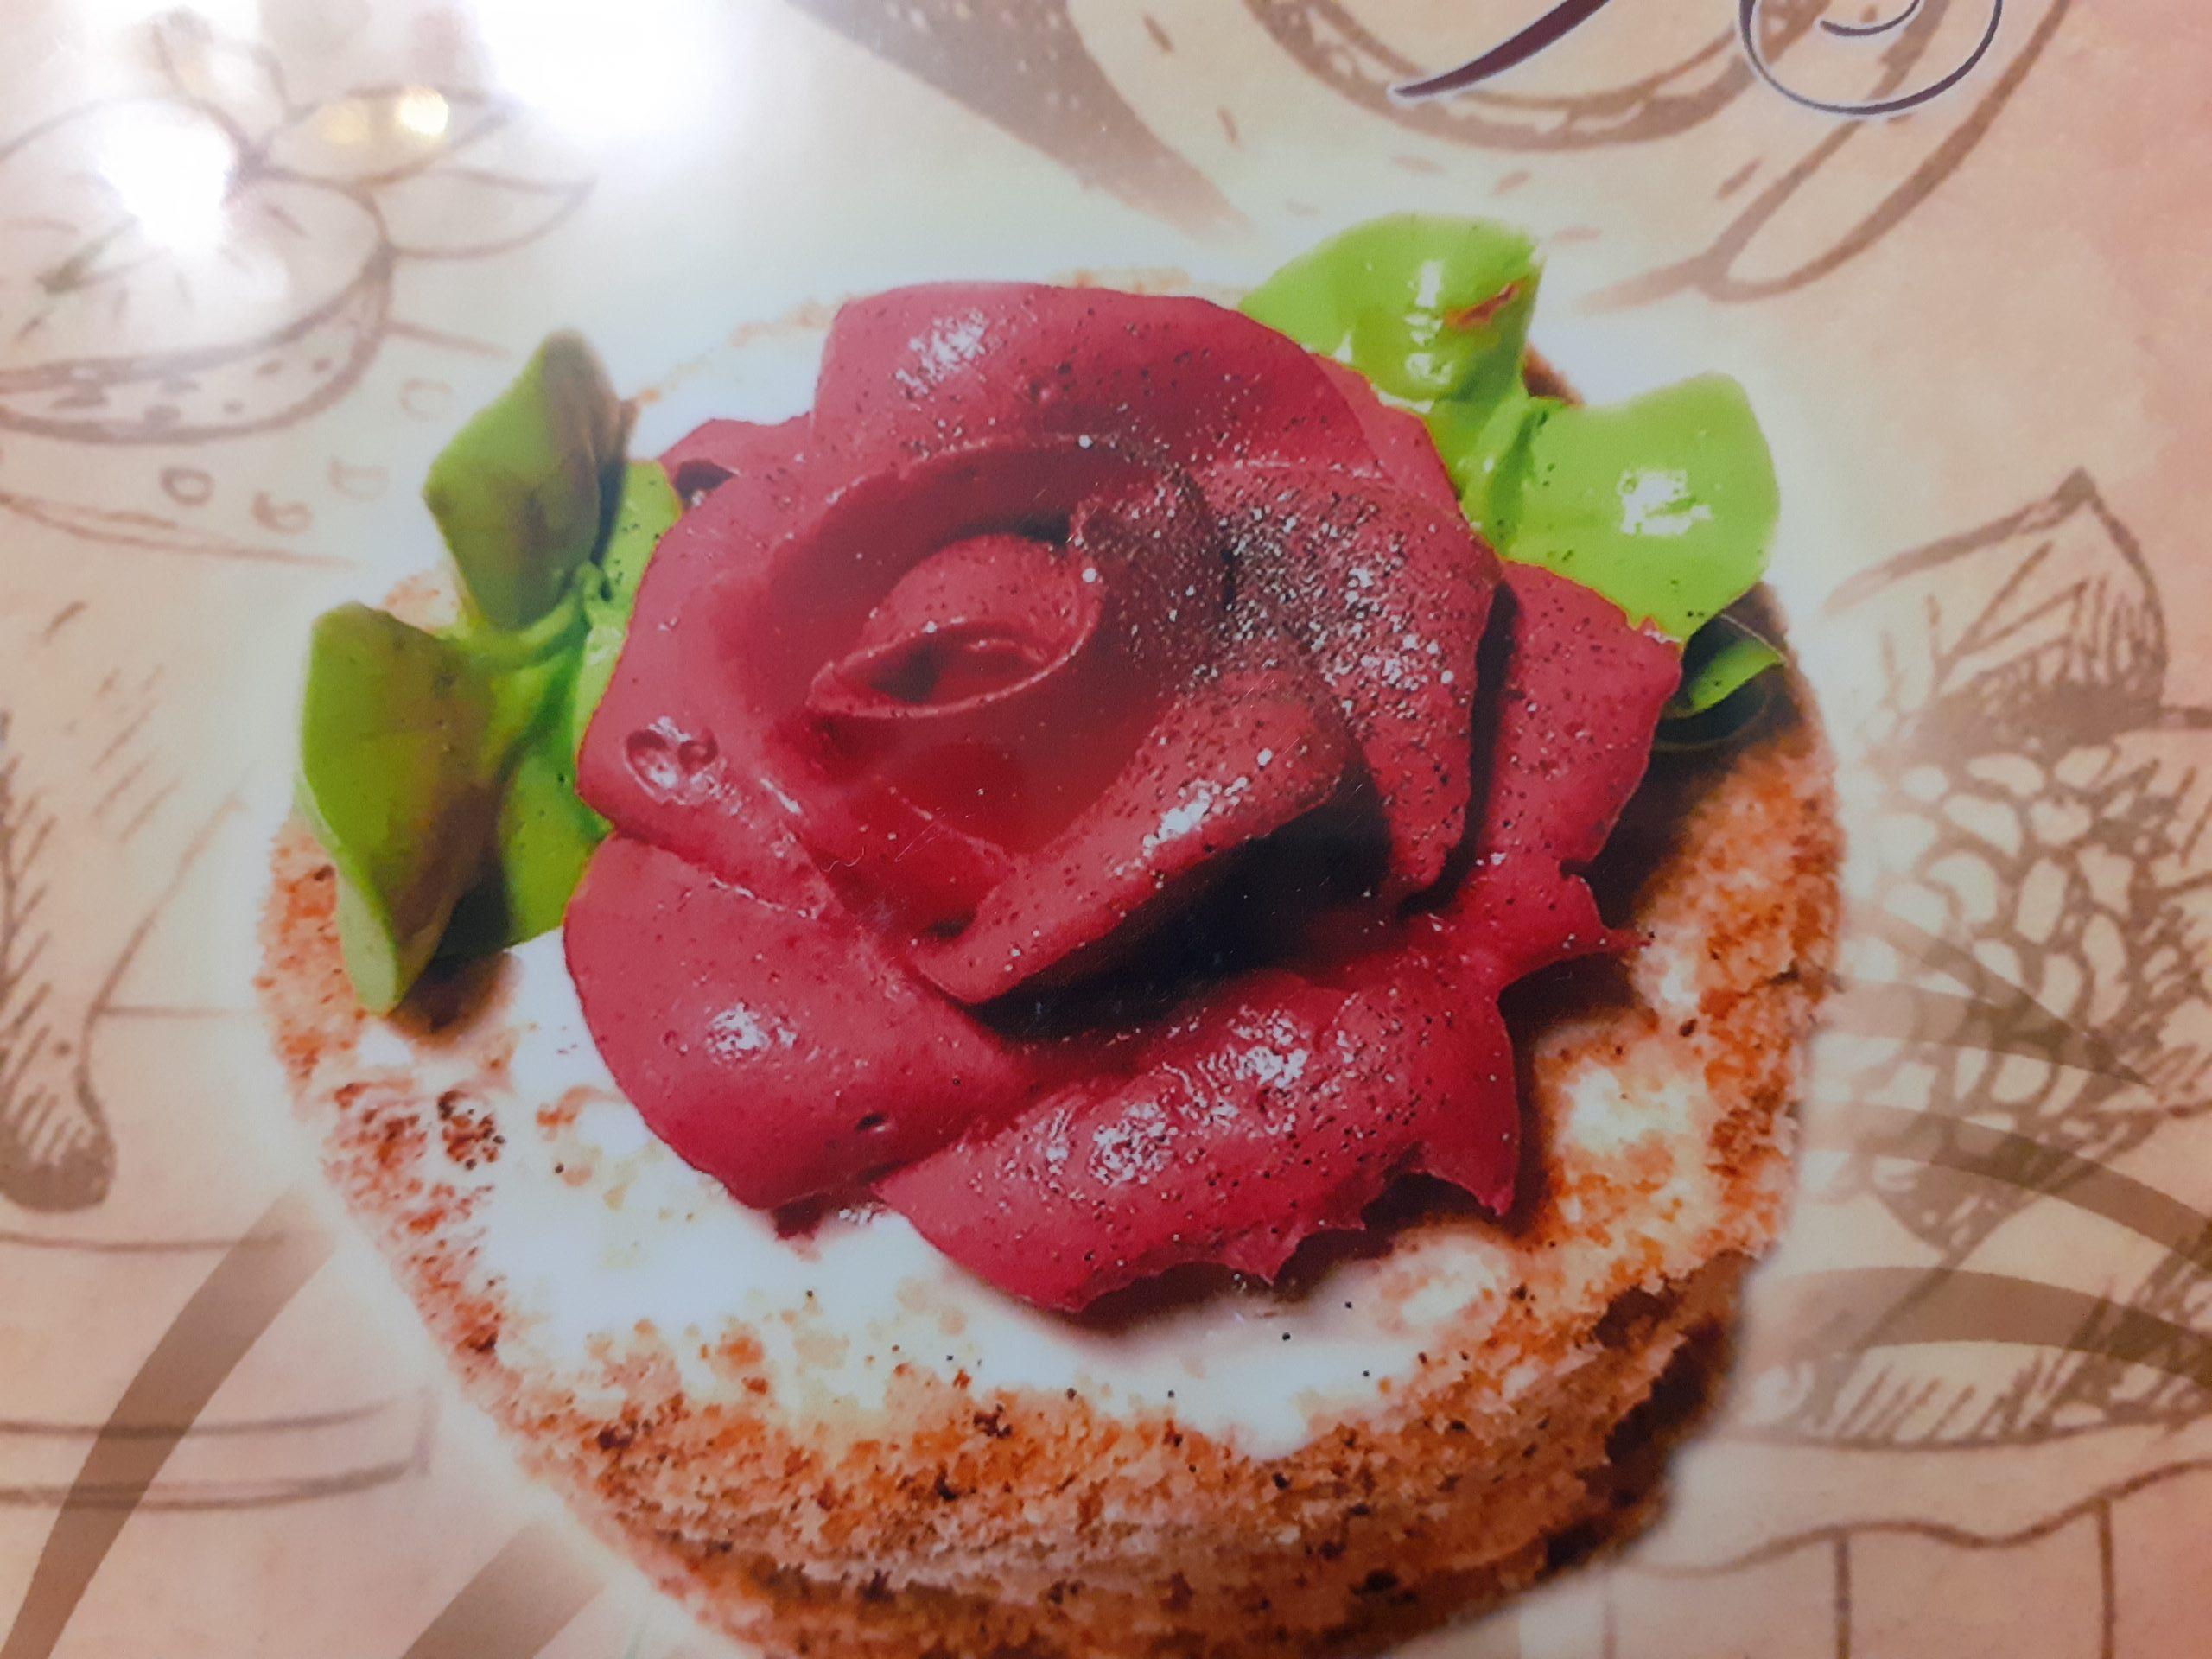 Пирожное Фрутти (Хекоян)